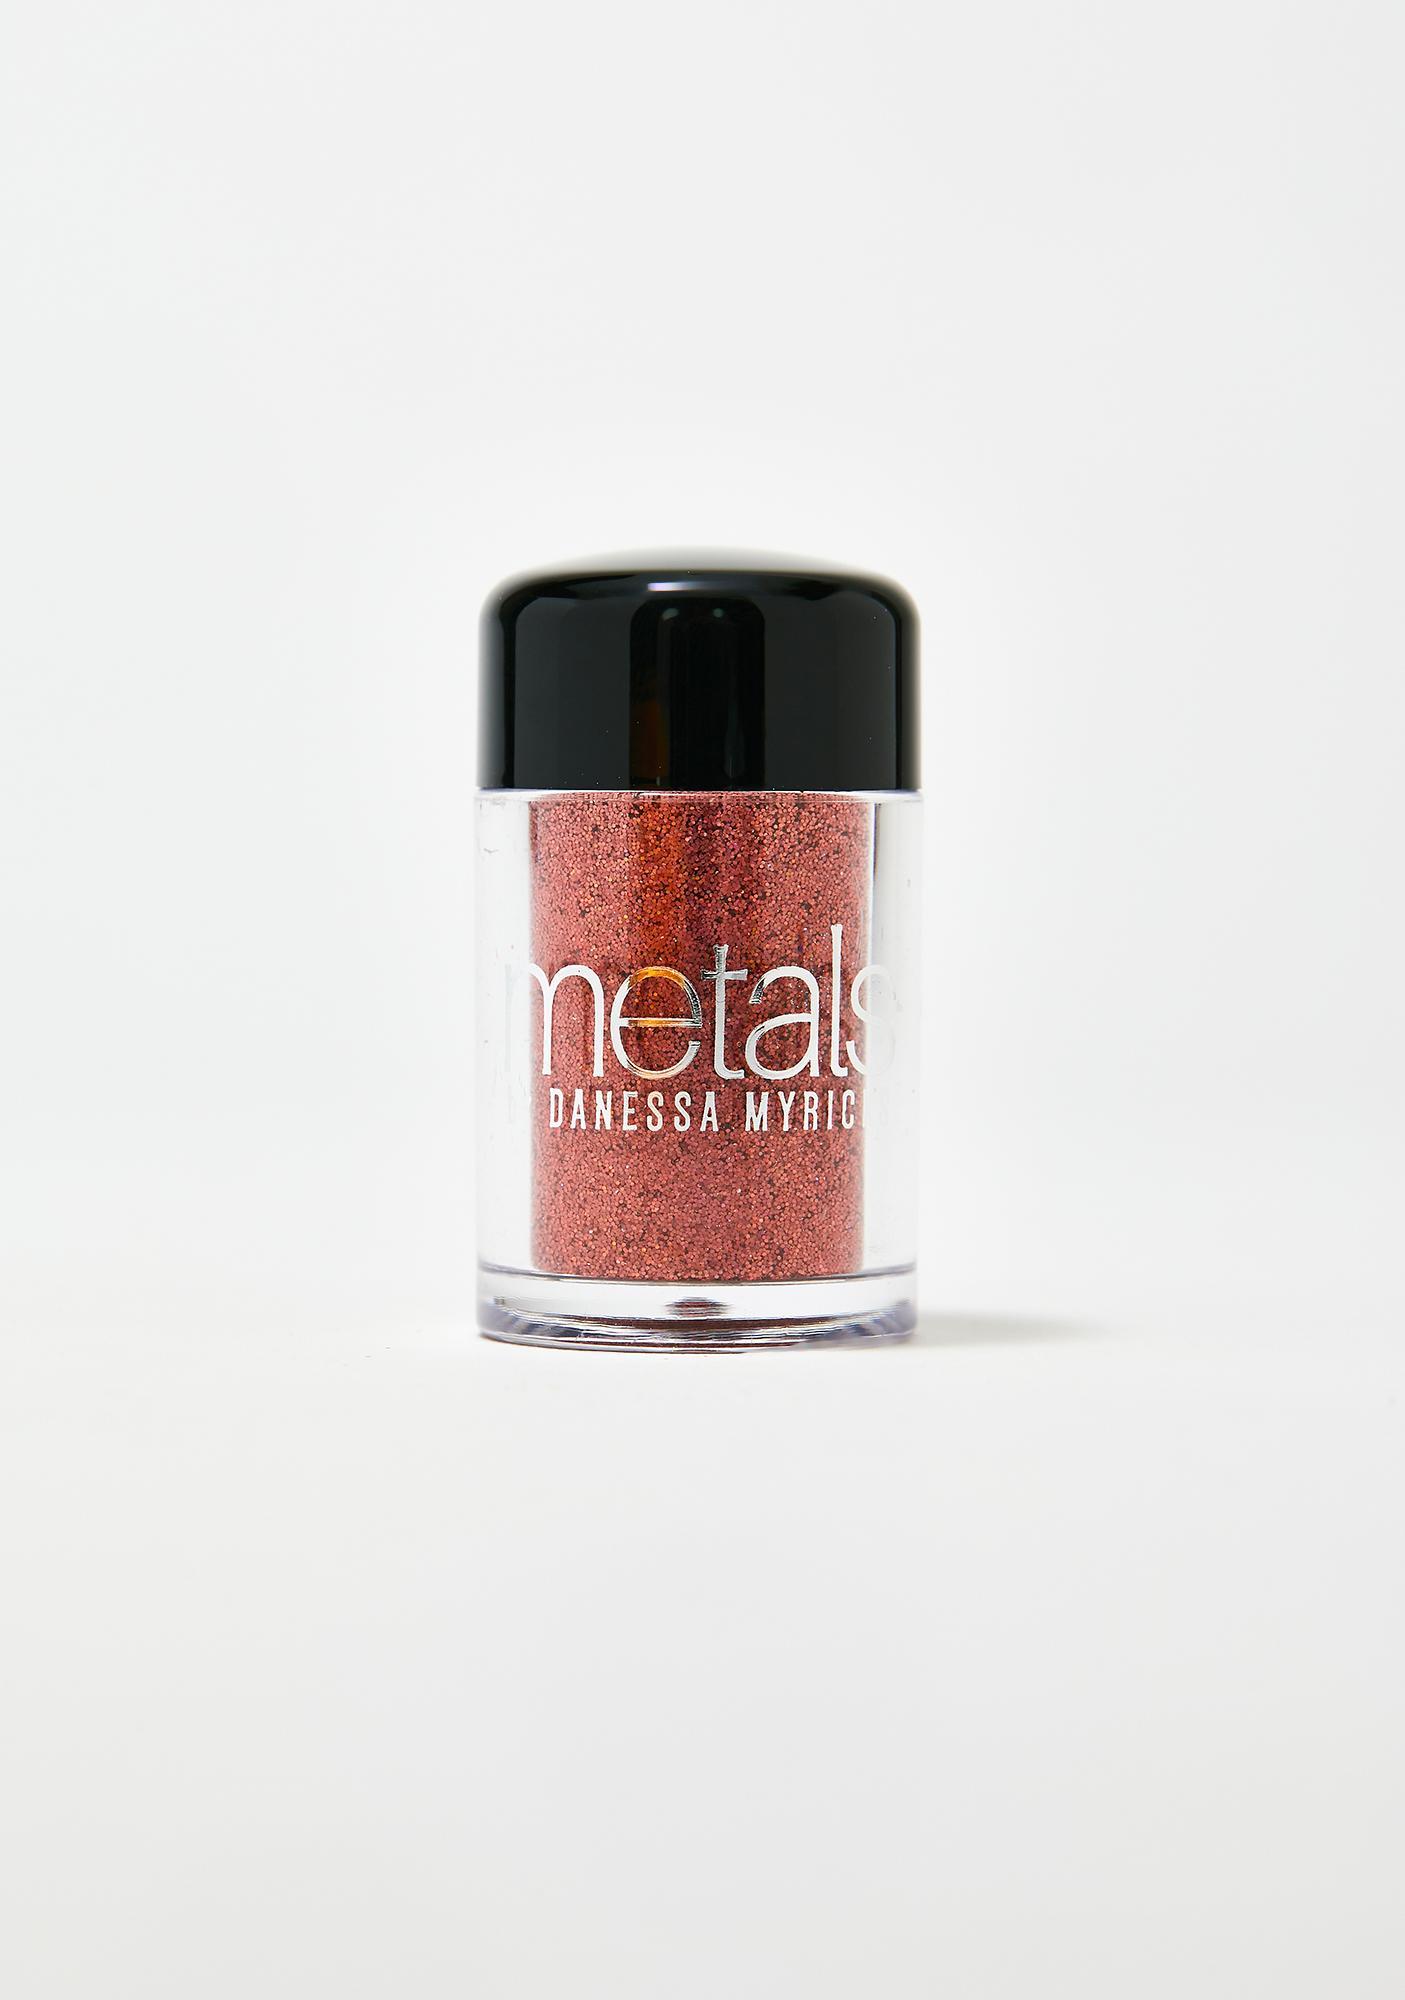 Danessa Myricks Beauty Cherry Moon Glitter